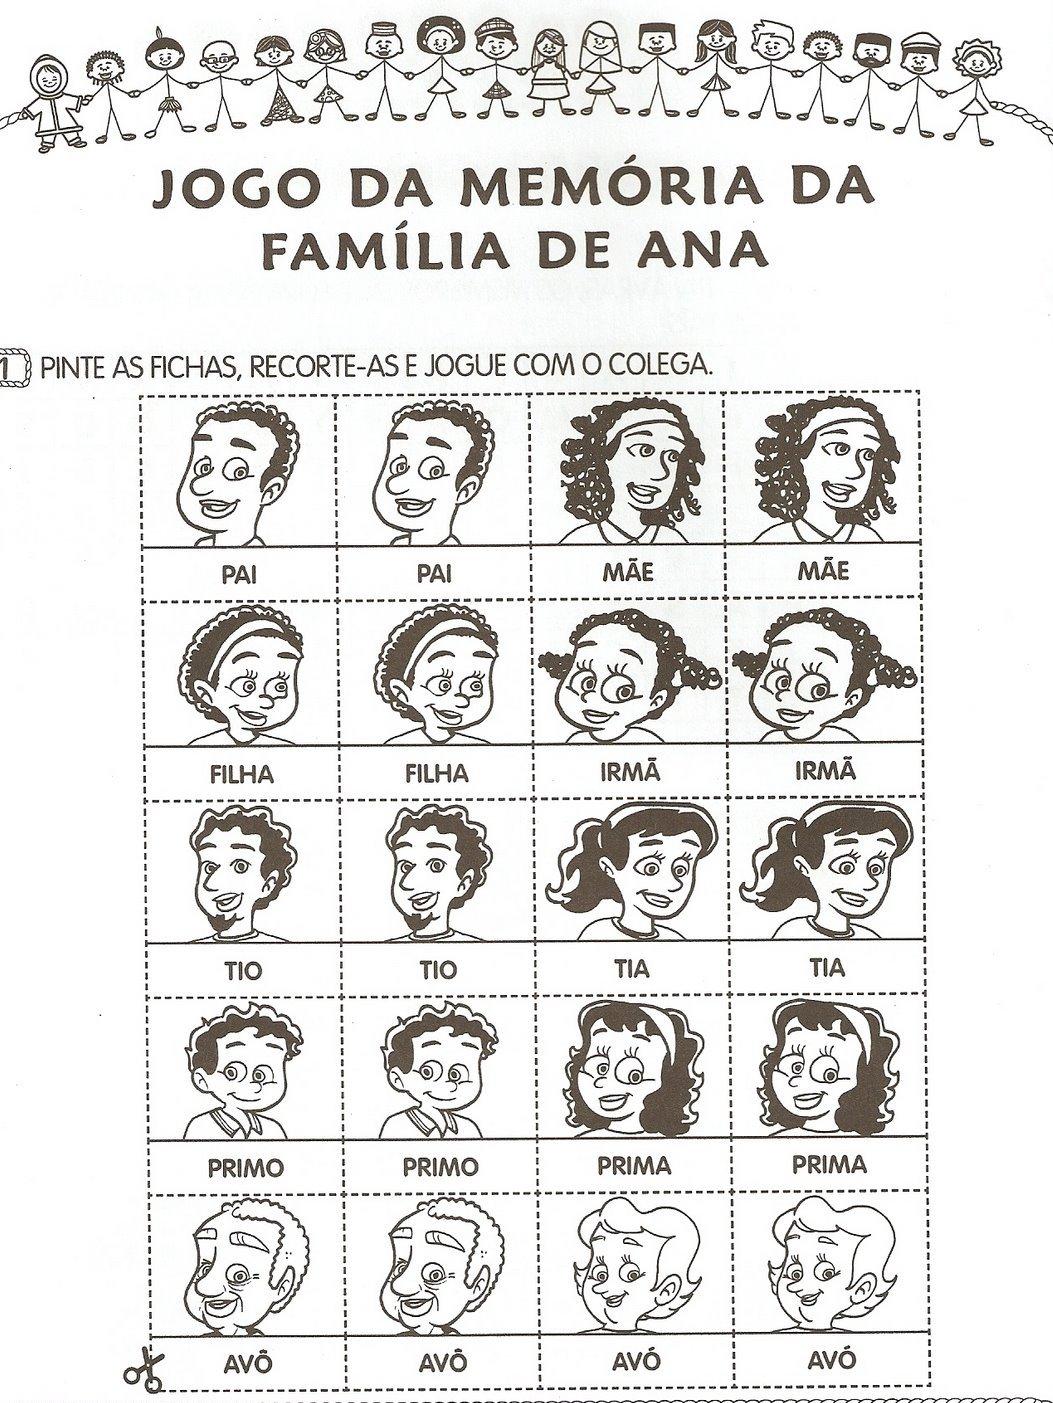 Programa brasileiro de inclusao digital 1b - 3 part 2